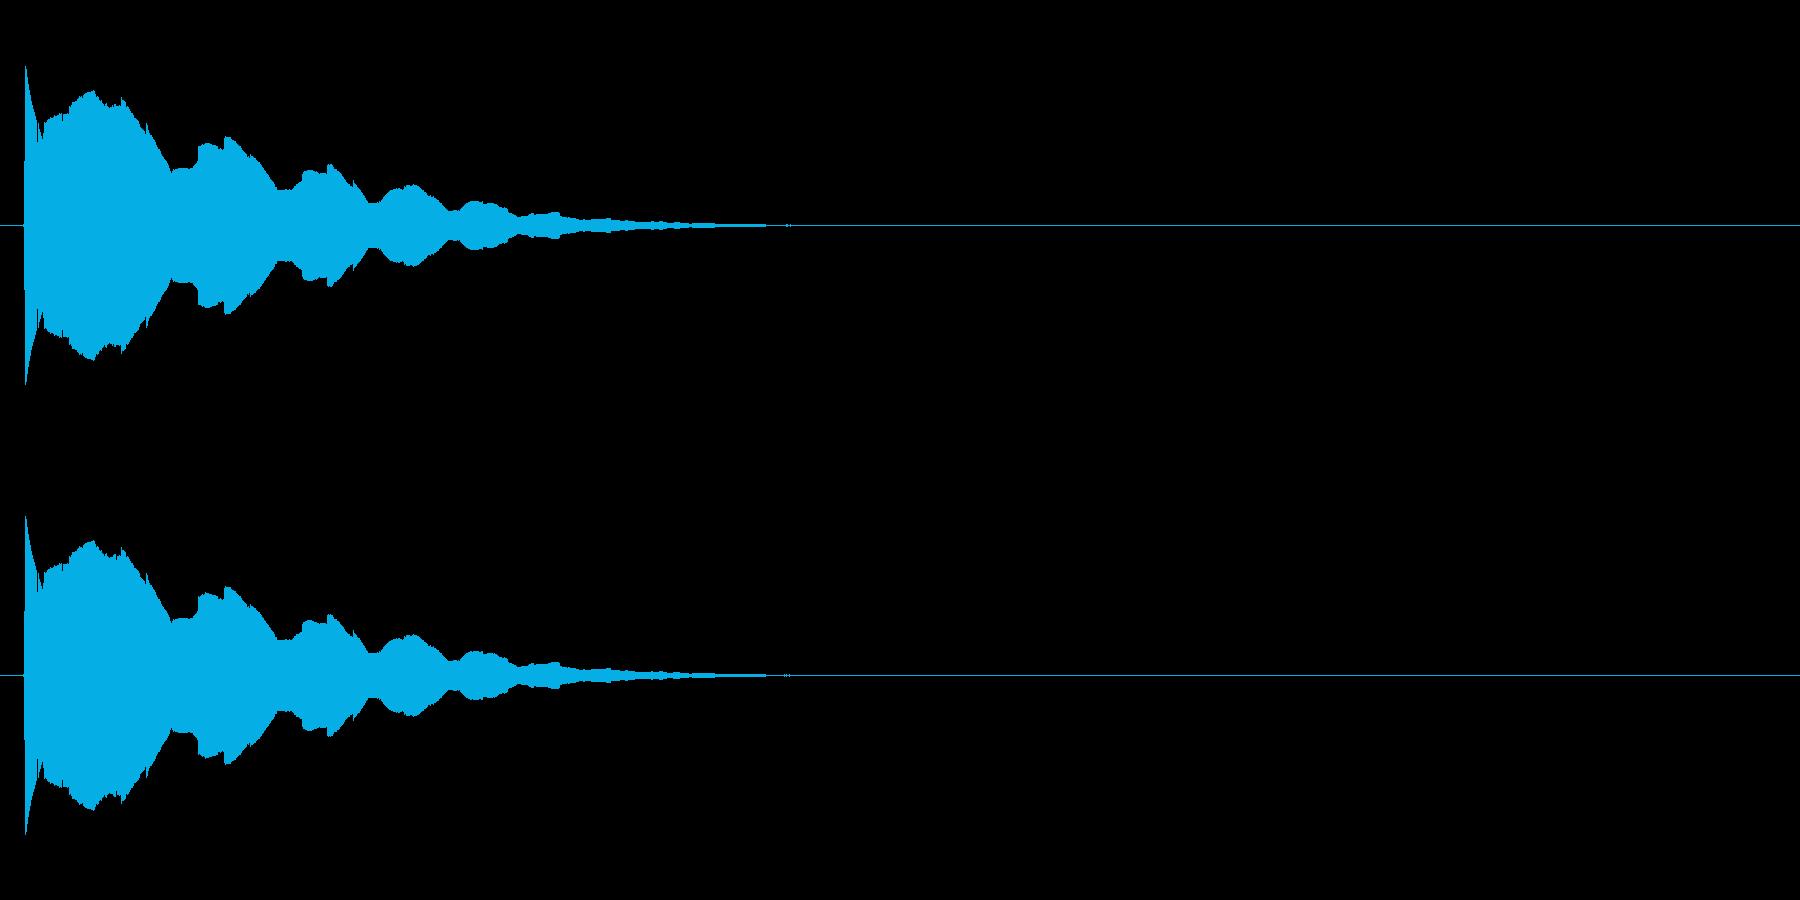 テュリリリリッ↑(場面転換、ころころ)の再生済みの波形